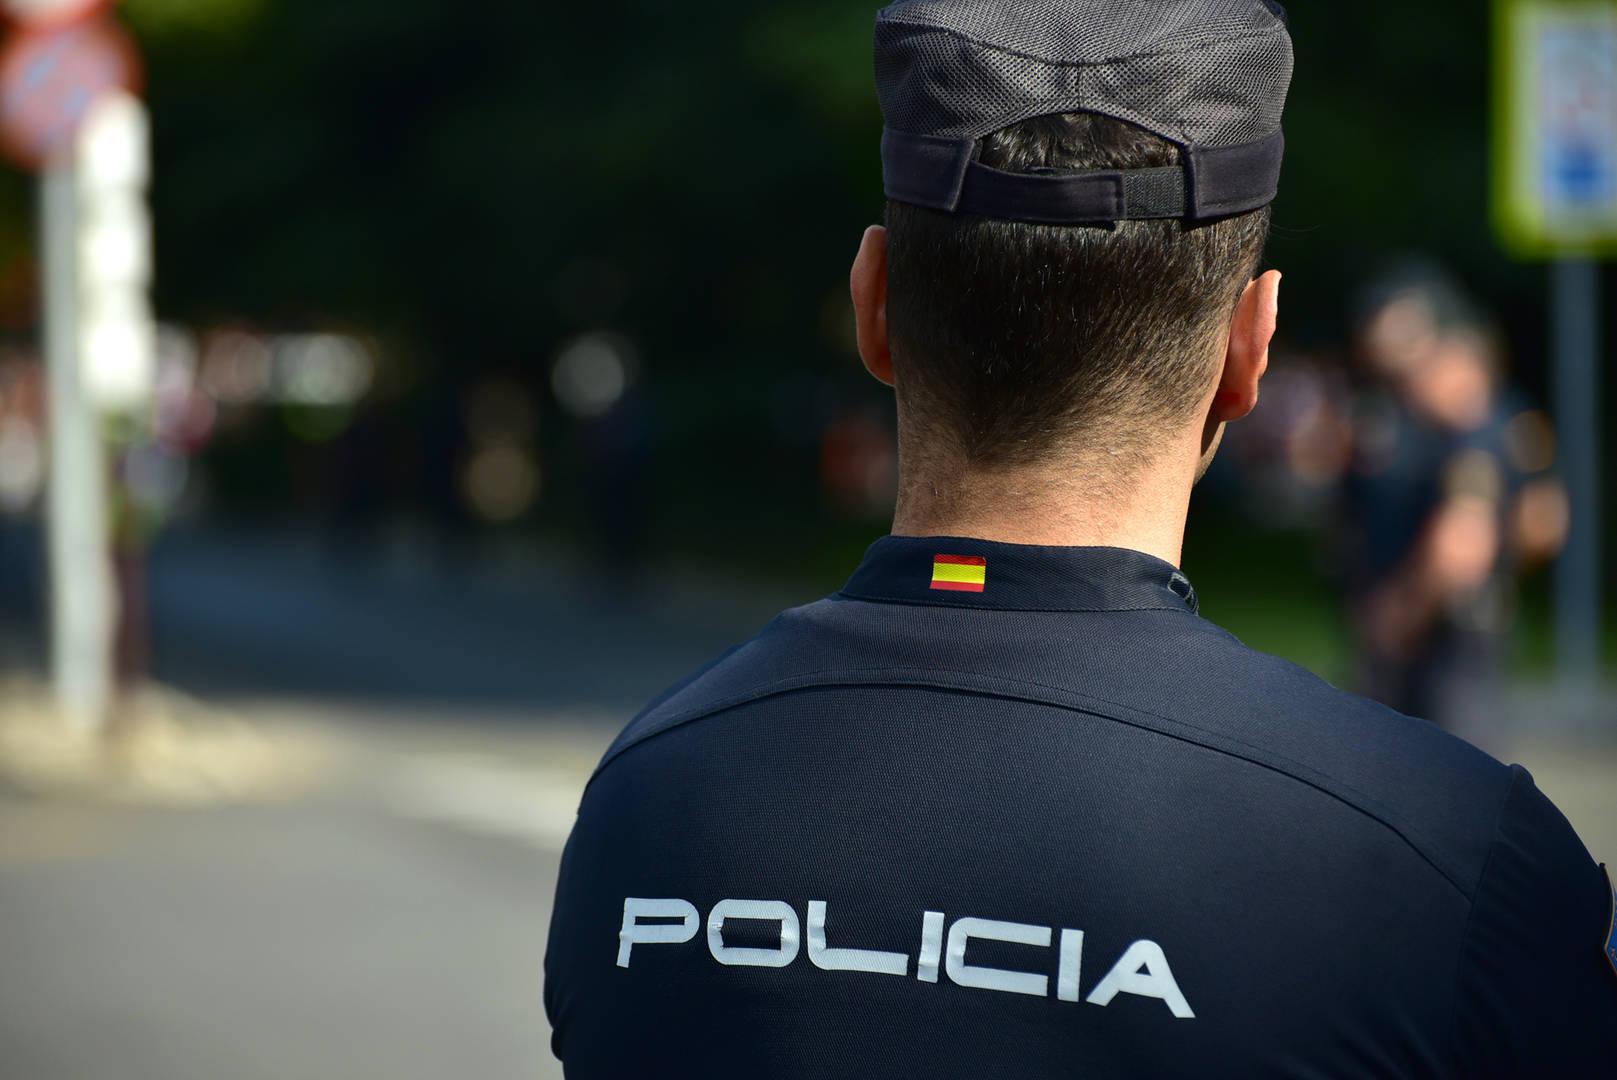 Policía de España